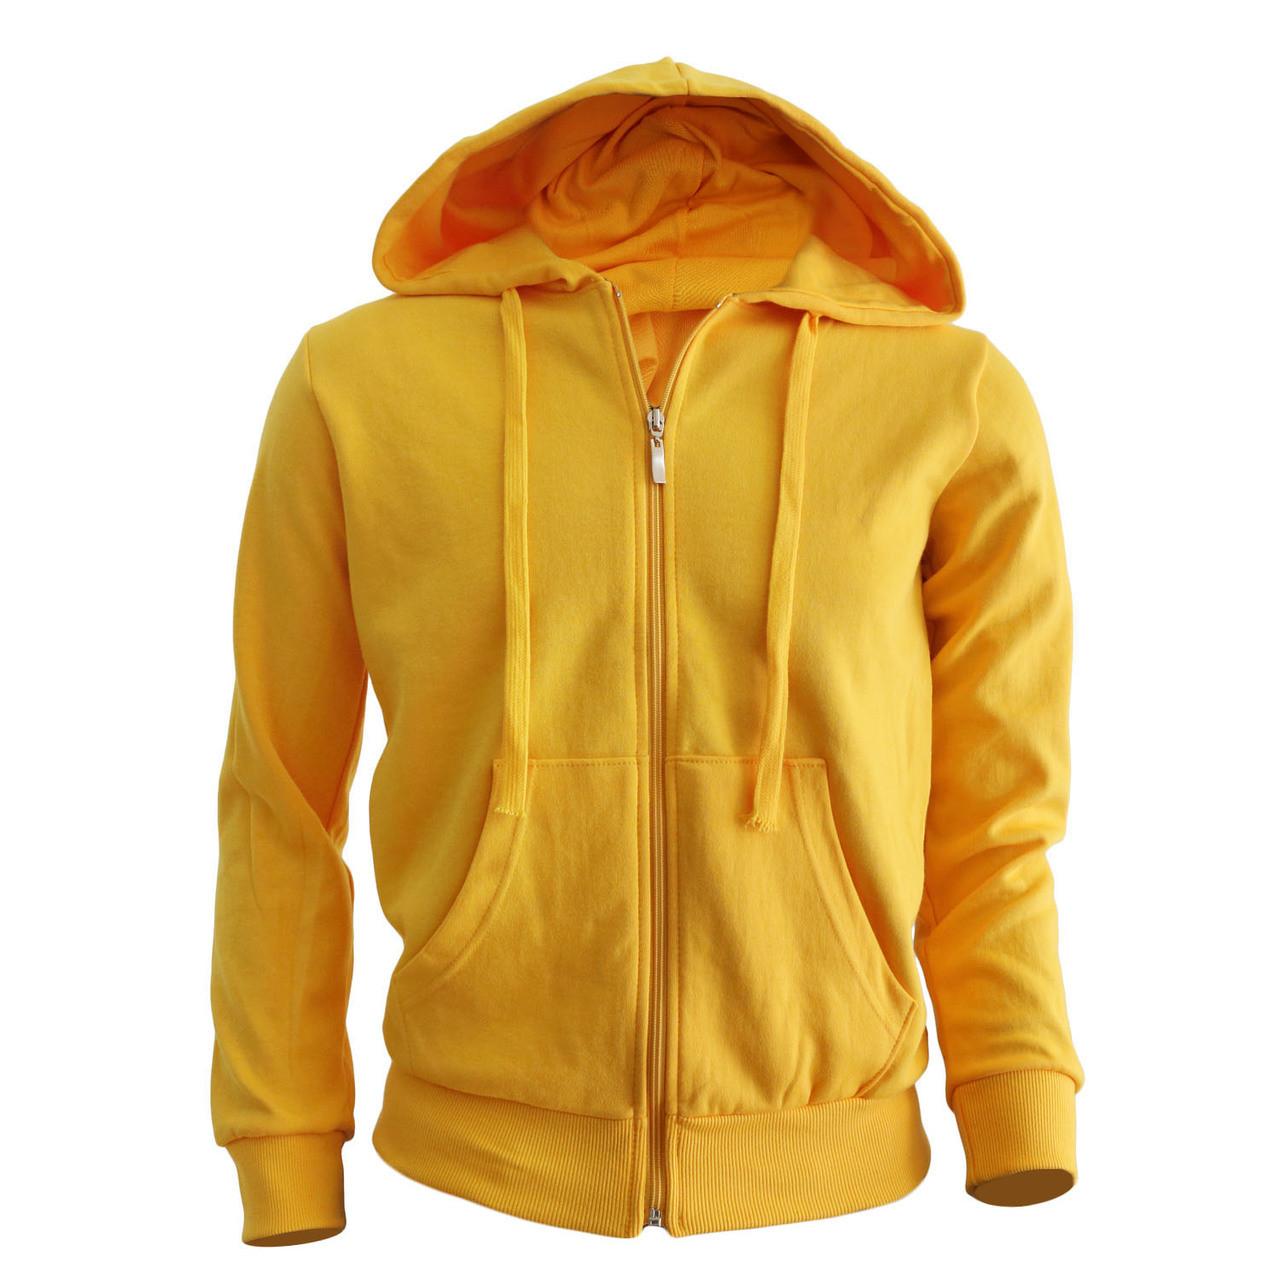 Plain yellow hoodie